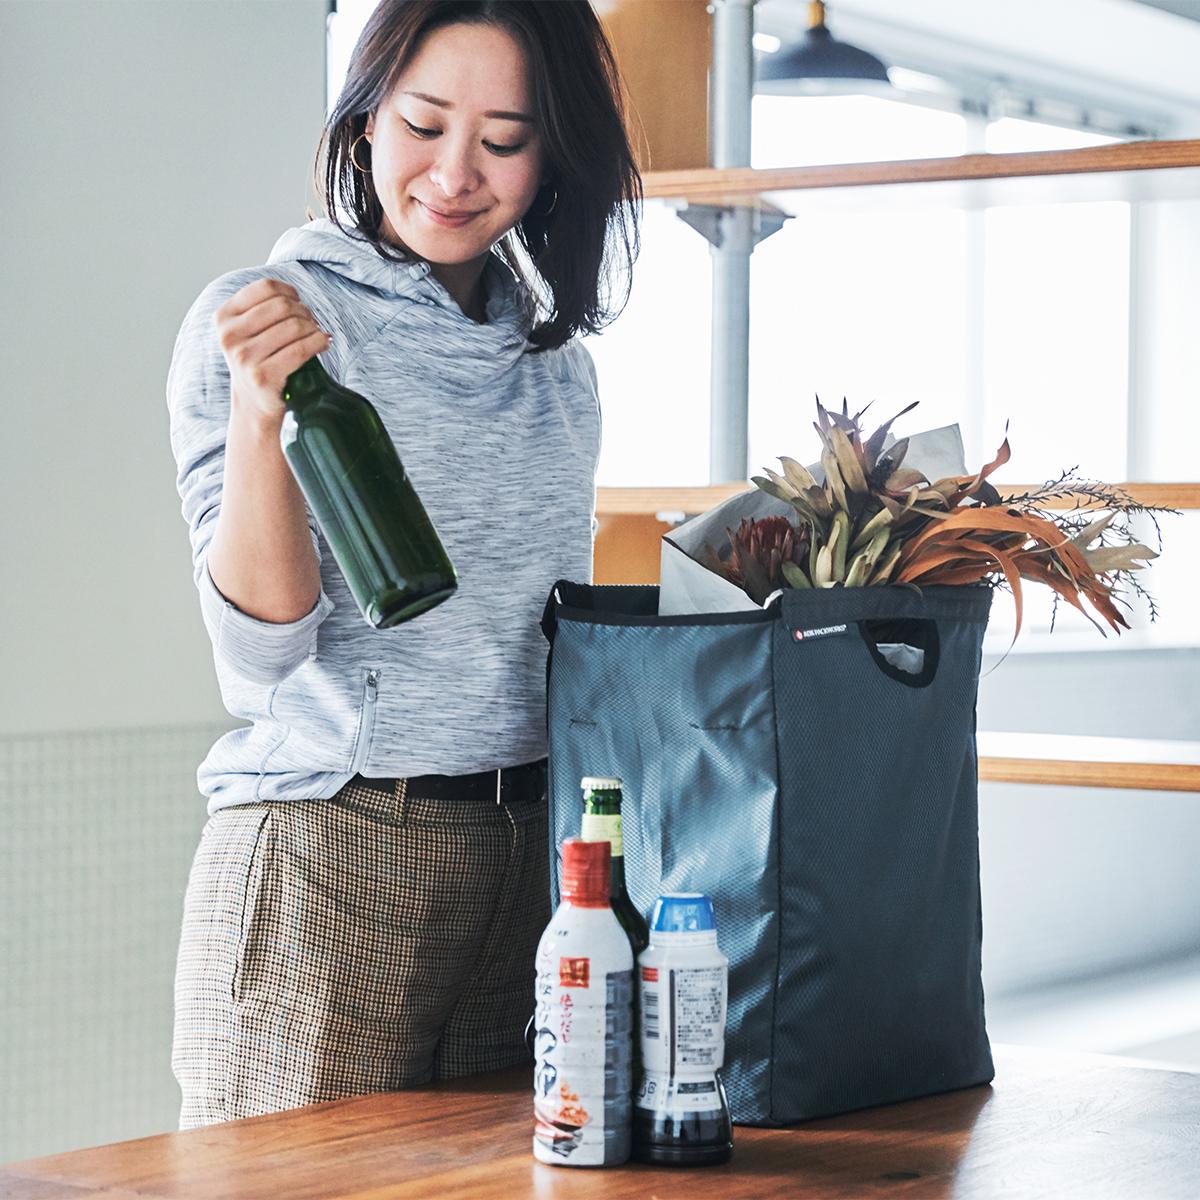 荷解きがスムーズ。たためる金属フレーム入り!自立するから、柔らかいパンや葉物野菜、花を潰さない「箱型エコバッグ」|ADK Packworks